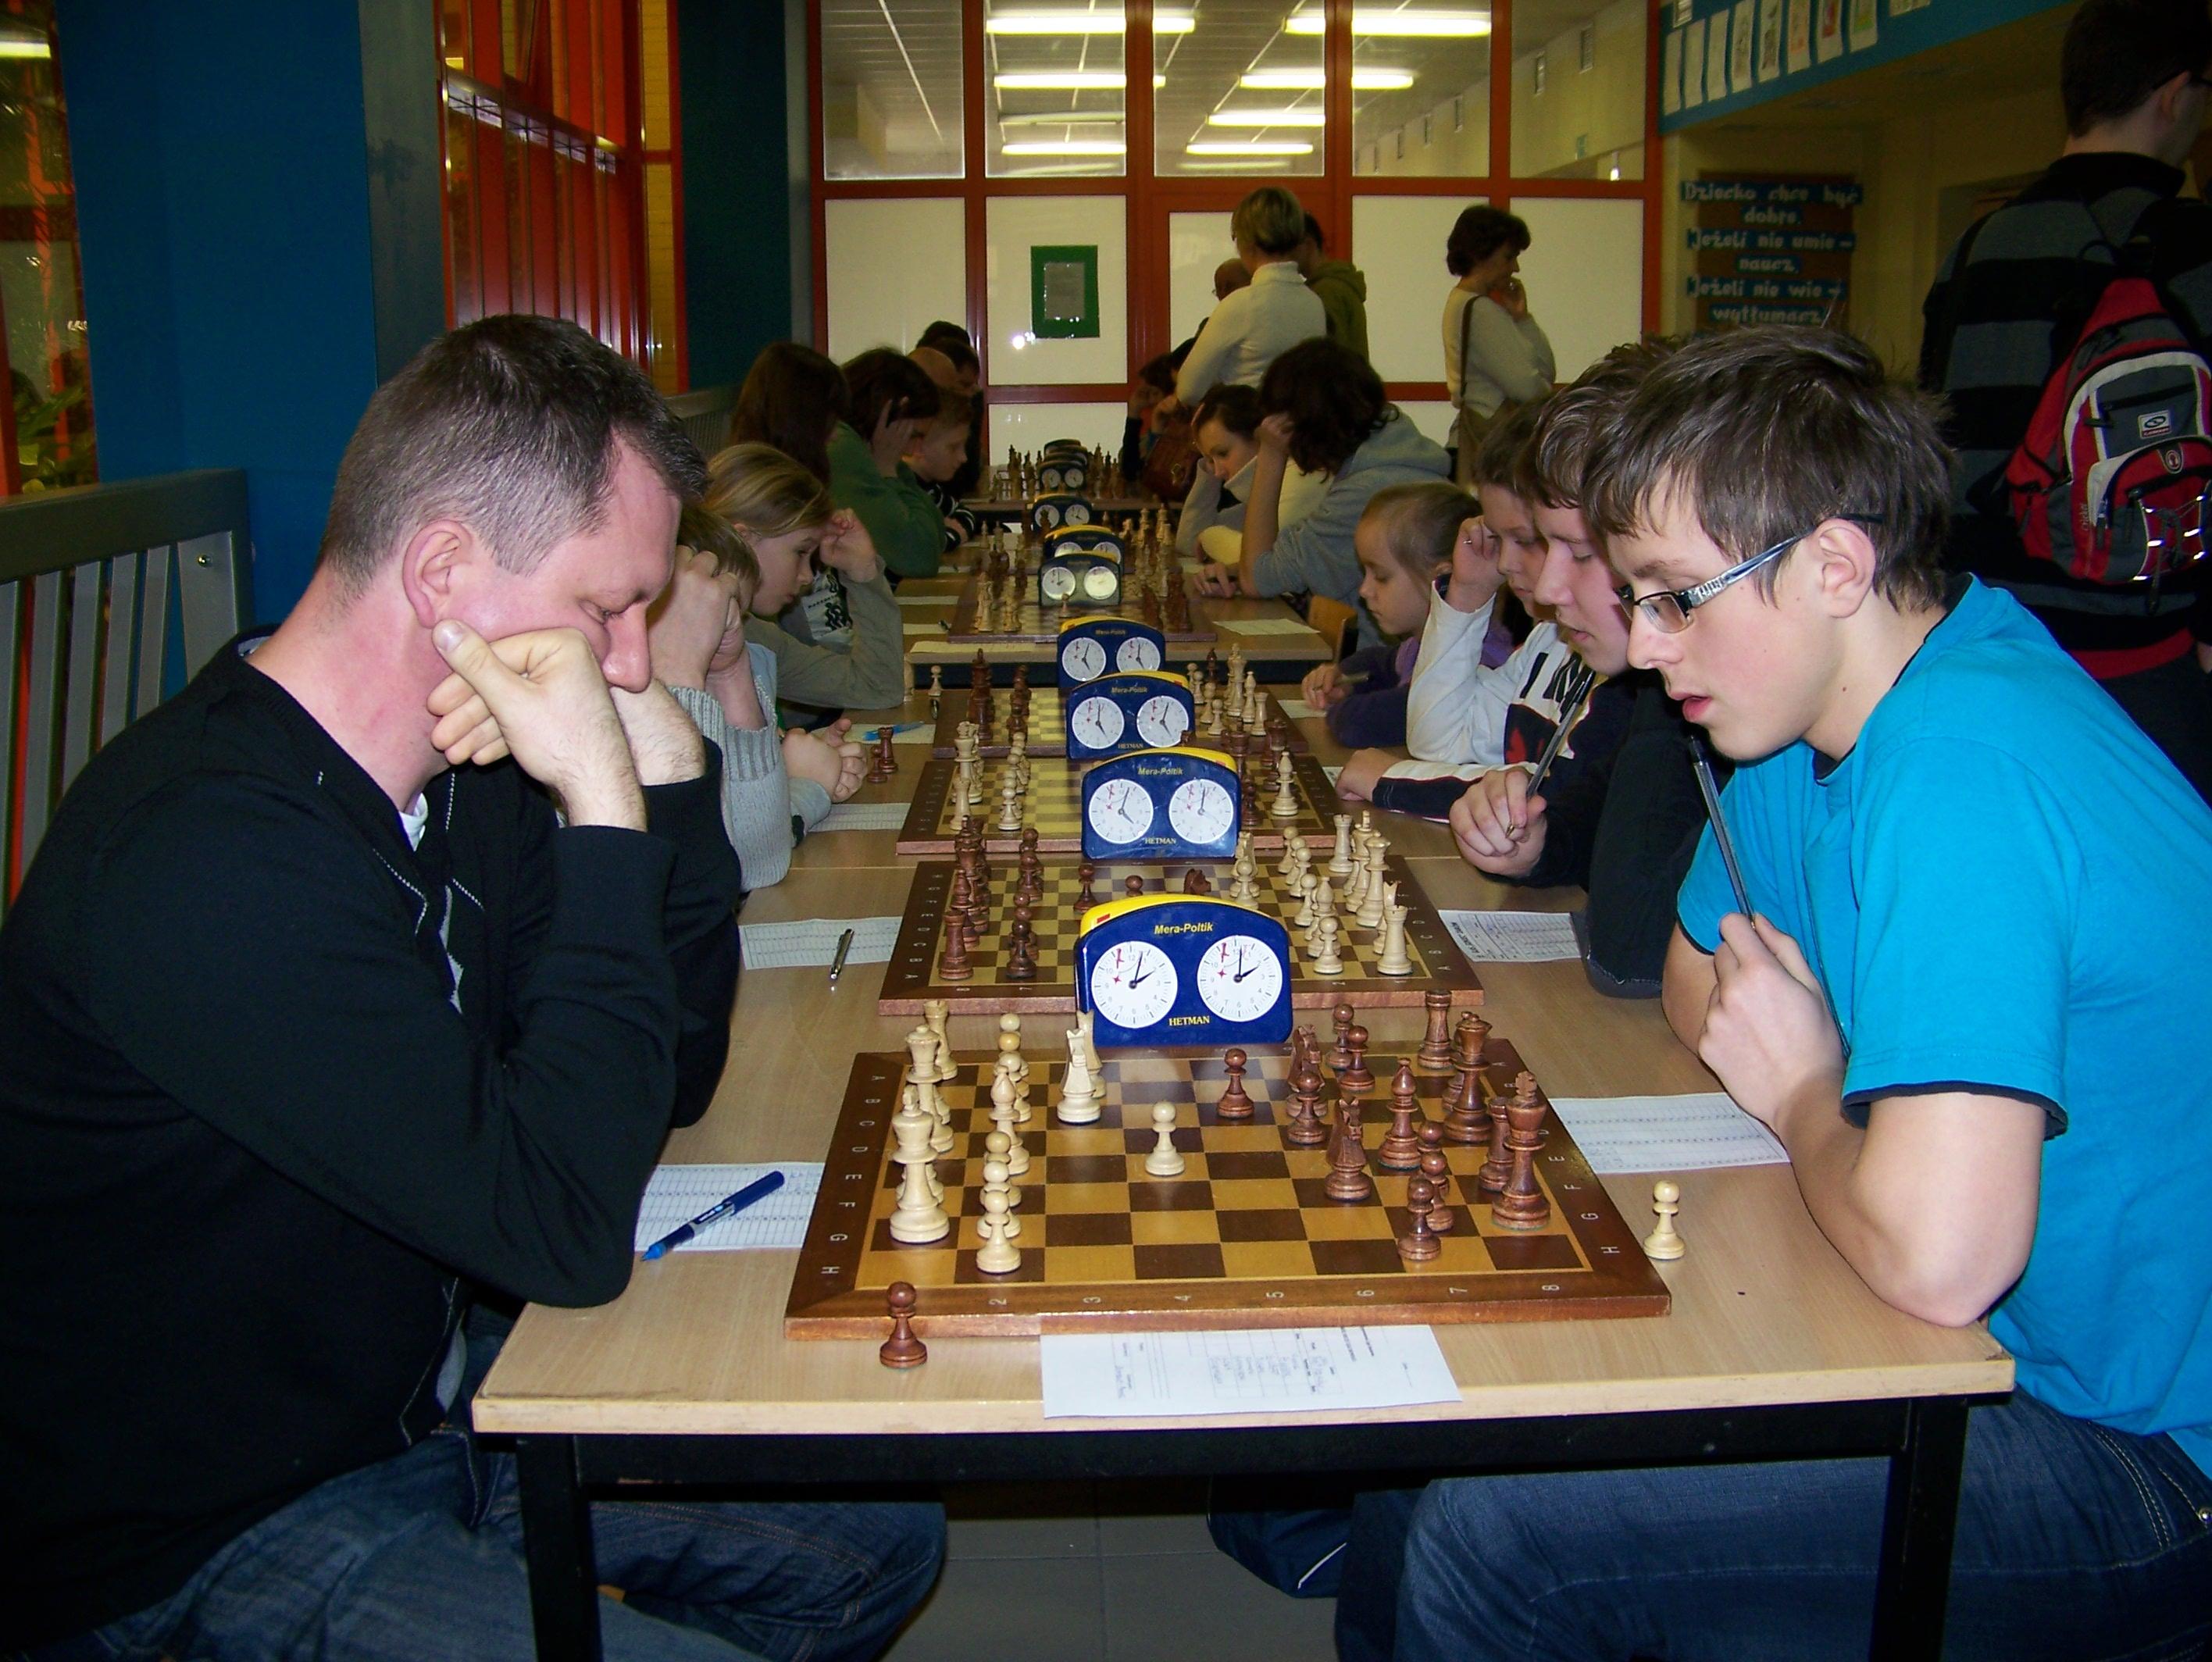 Drugi dzień rozgrywek IX edycji Ligi Międzypowiatowej, Żarów, 04.03.2012